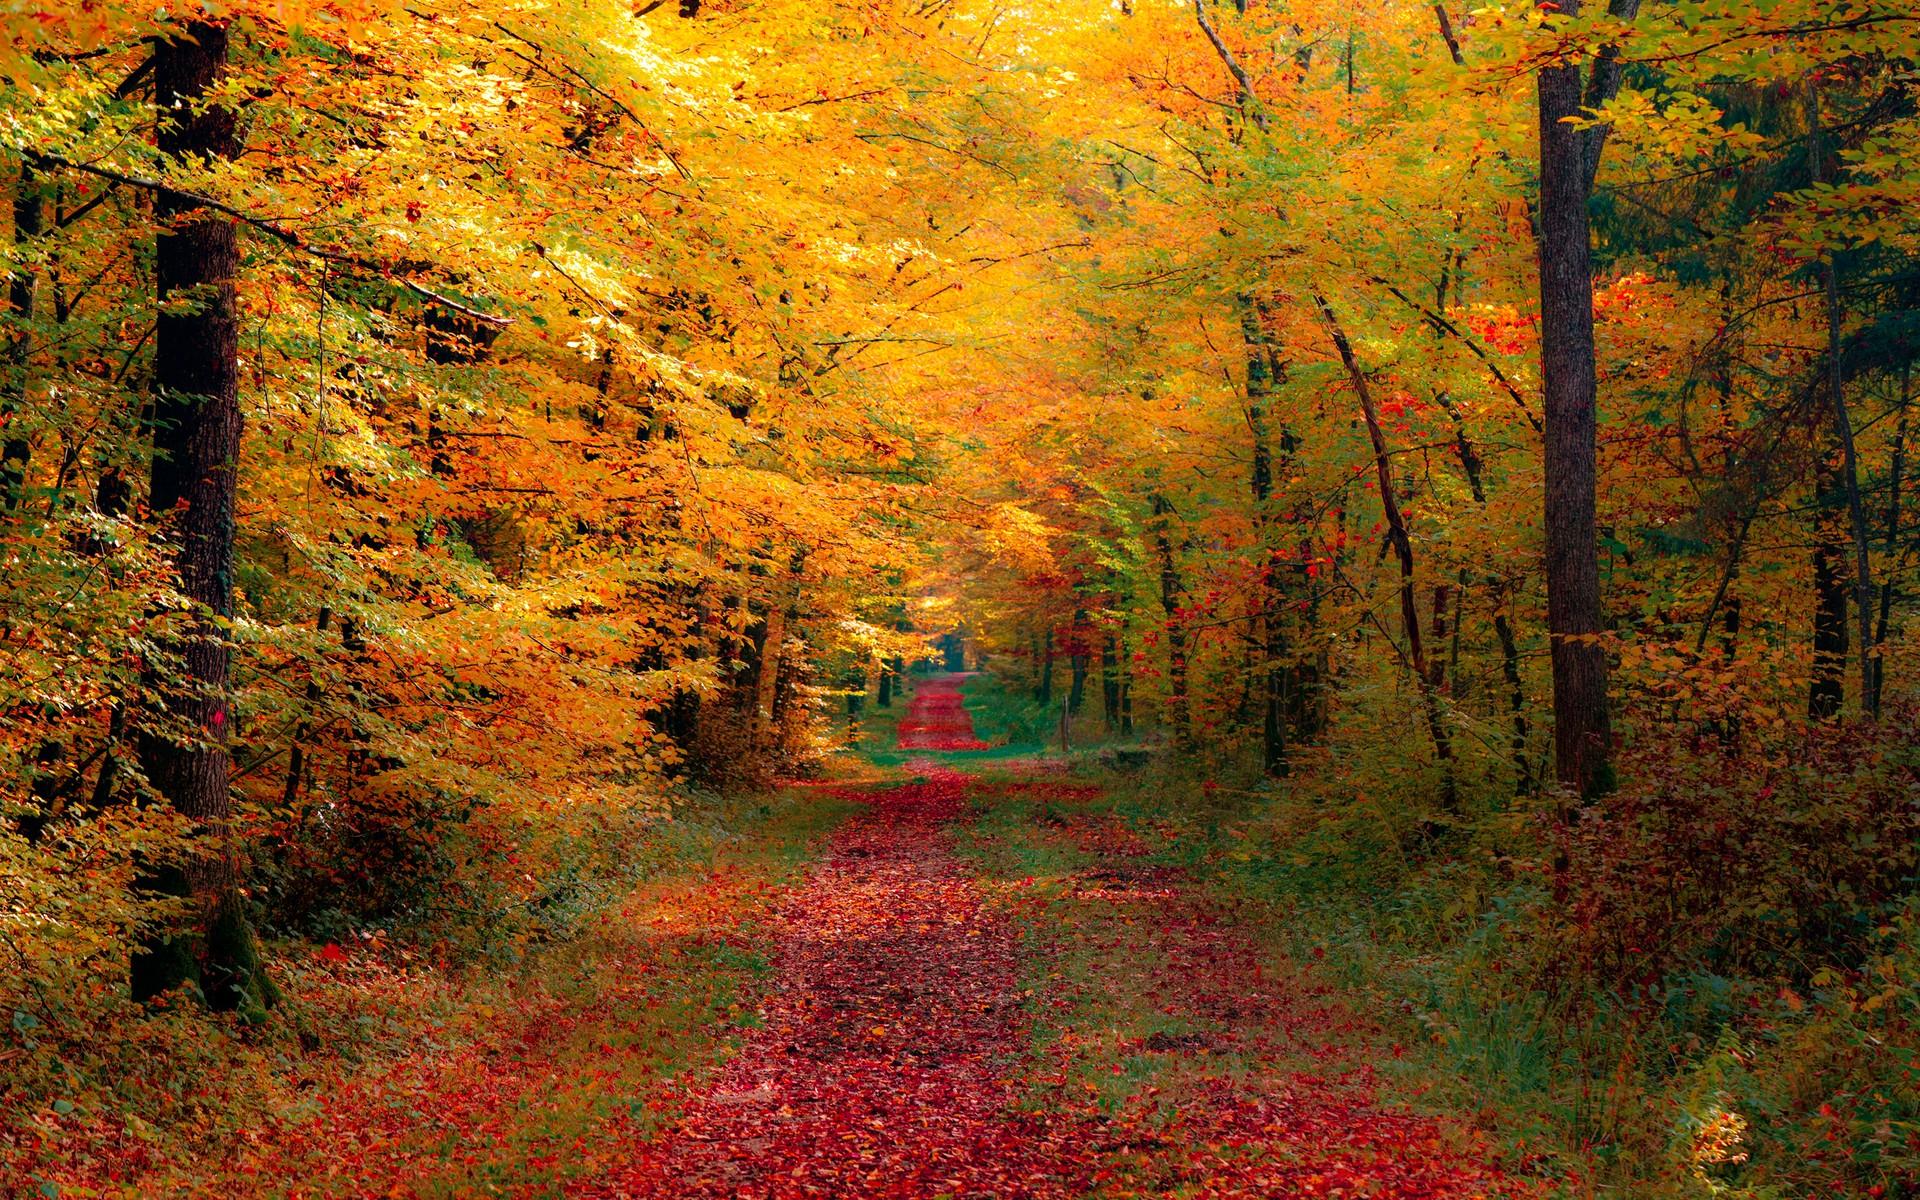 1920x1200 Autumn Forest desktop PC and Mac wallpaper 1920x1200